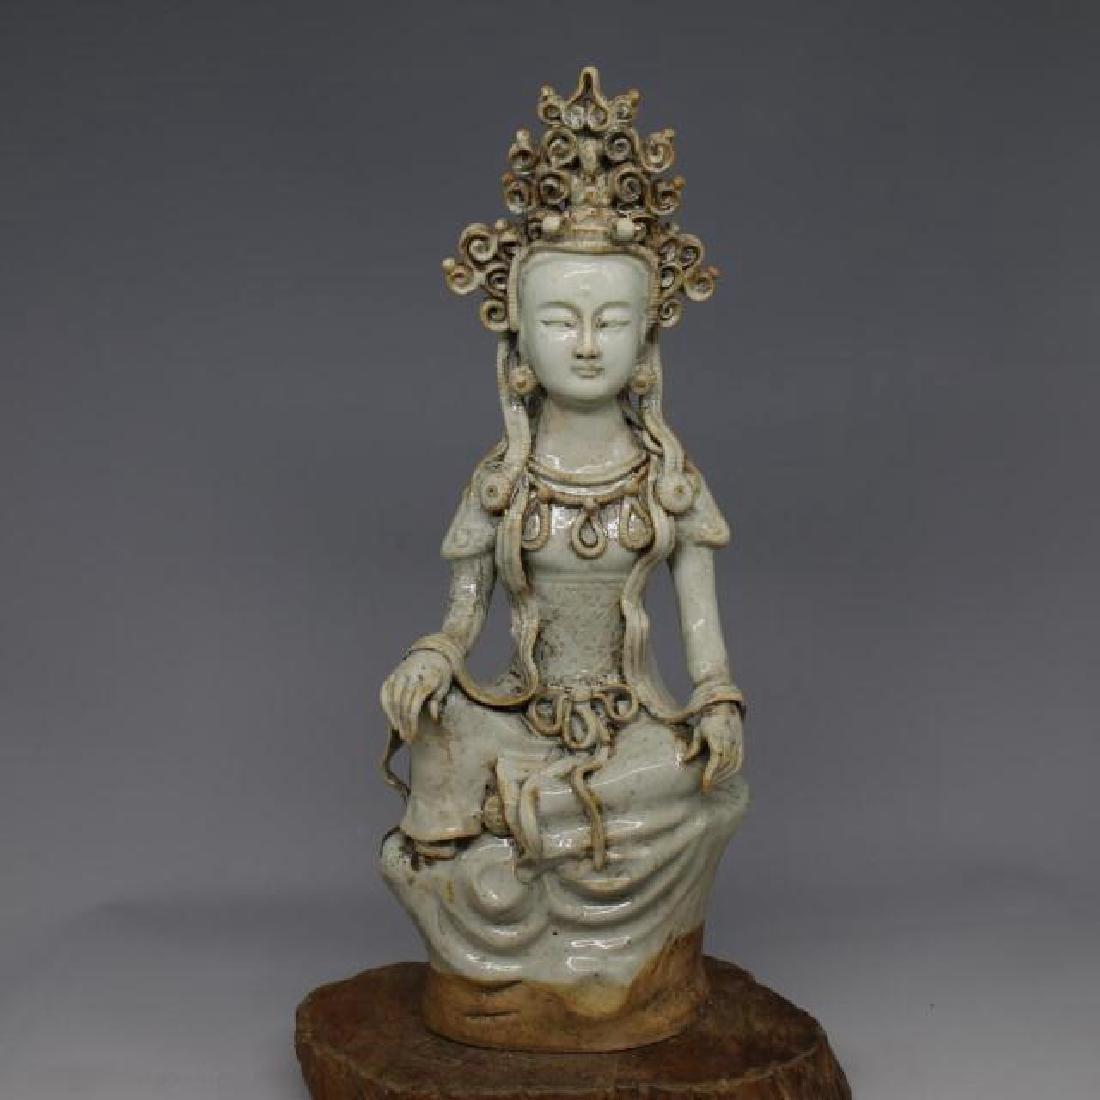 Chinese Yuan Dynasty Shufu Ware White Glaze Porcelain